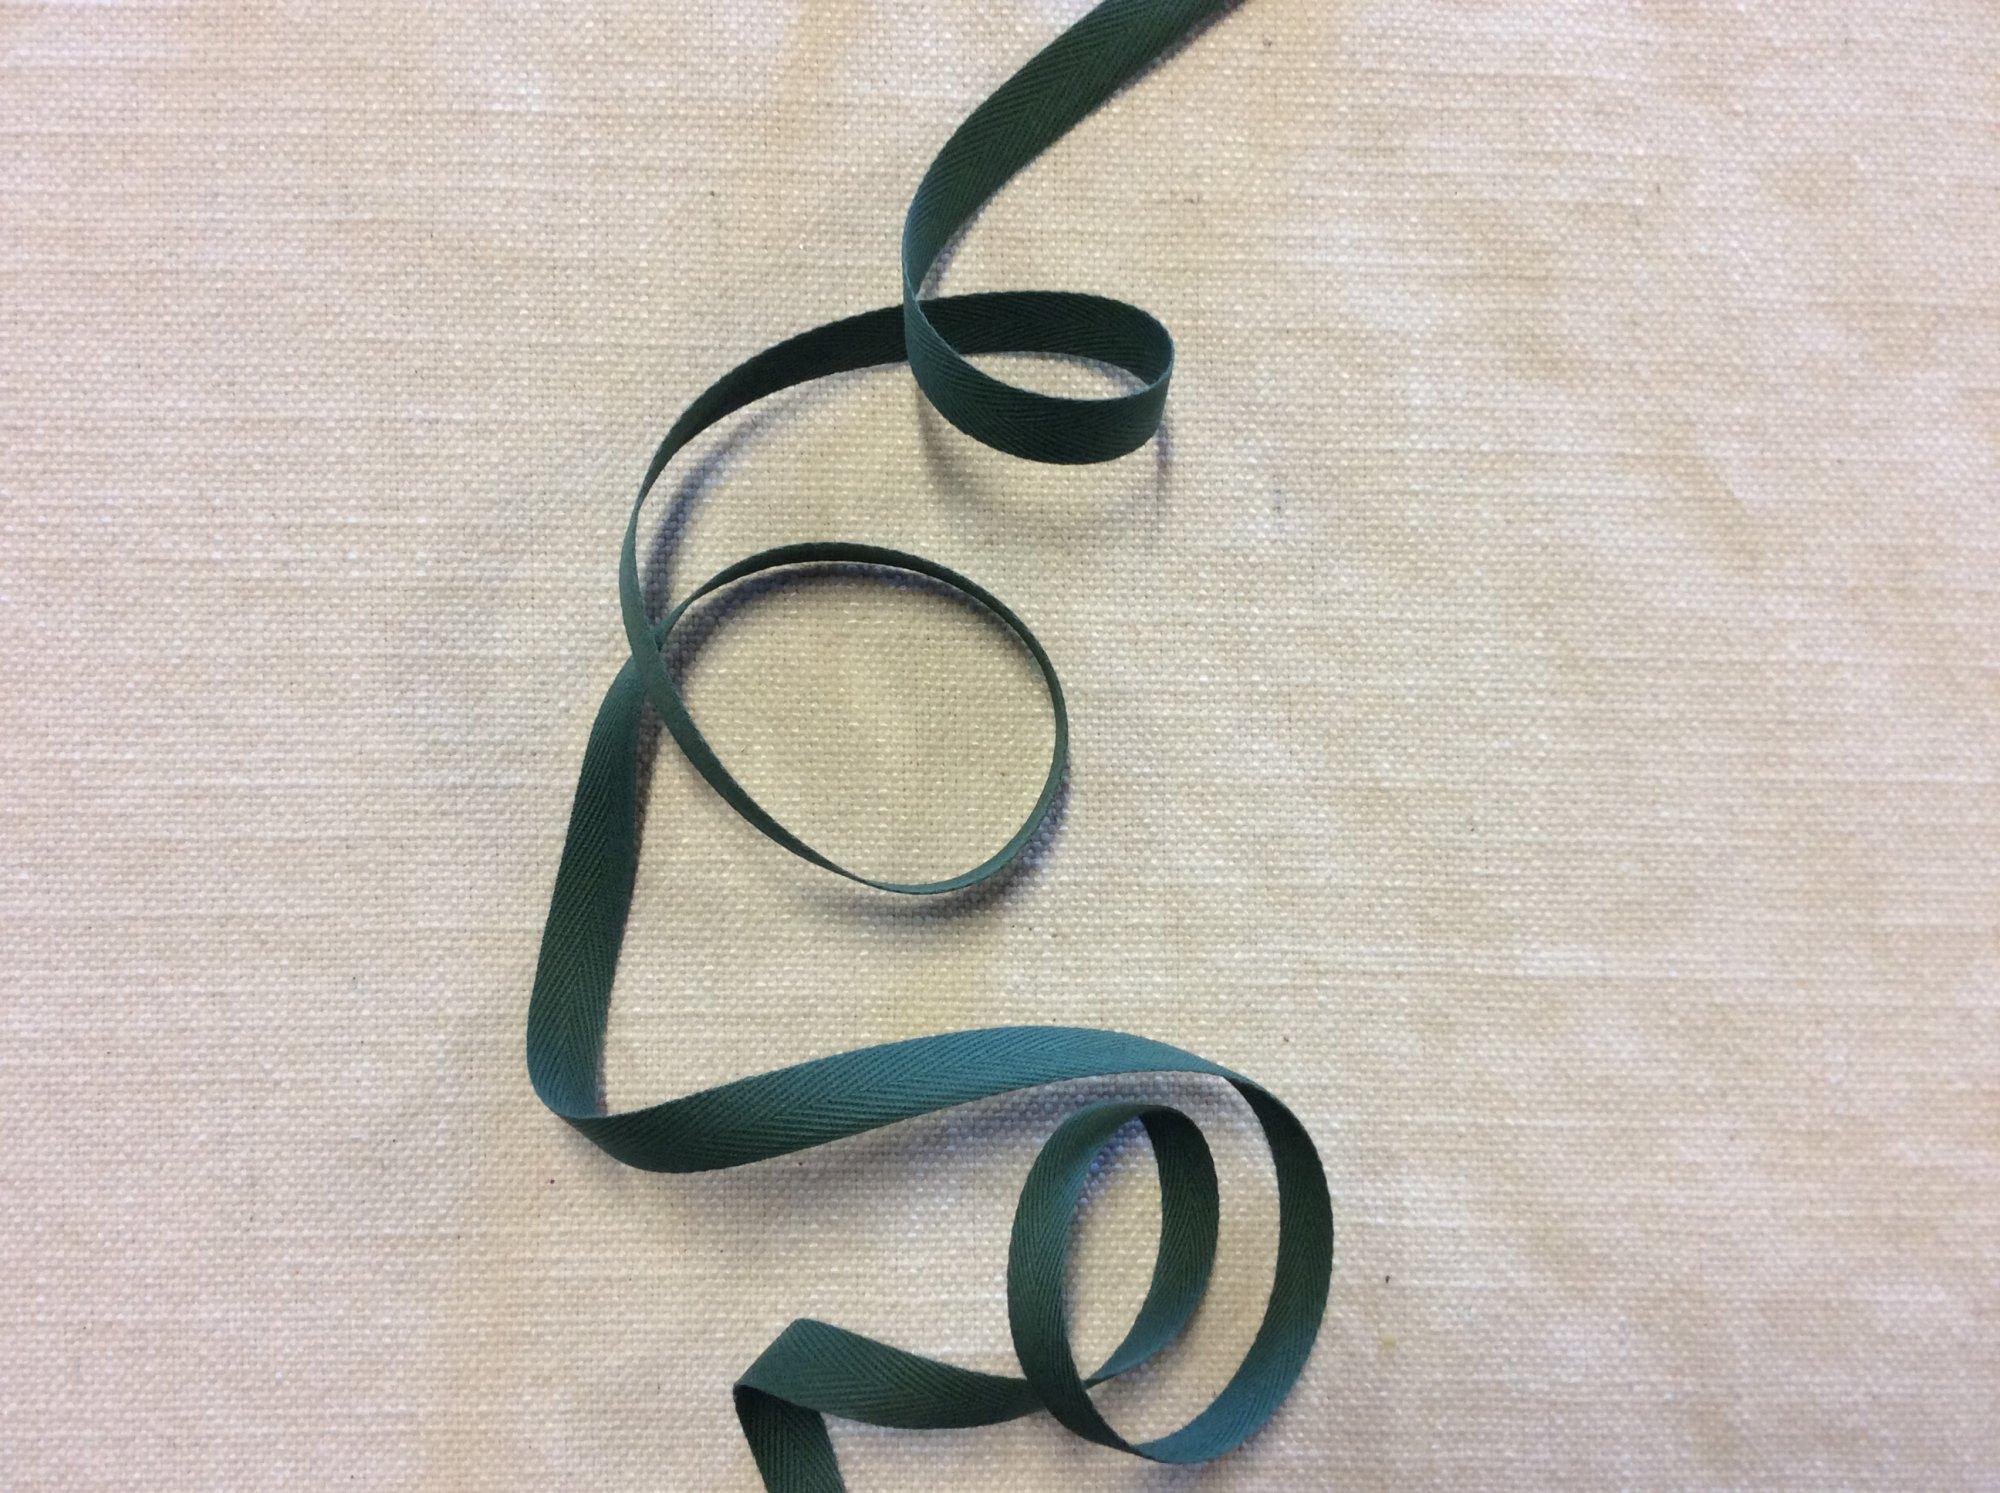 Forest Green Twill Tape Ribbon Trim RIB0137